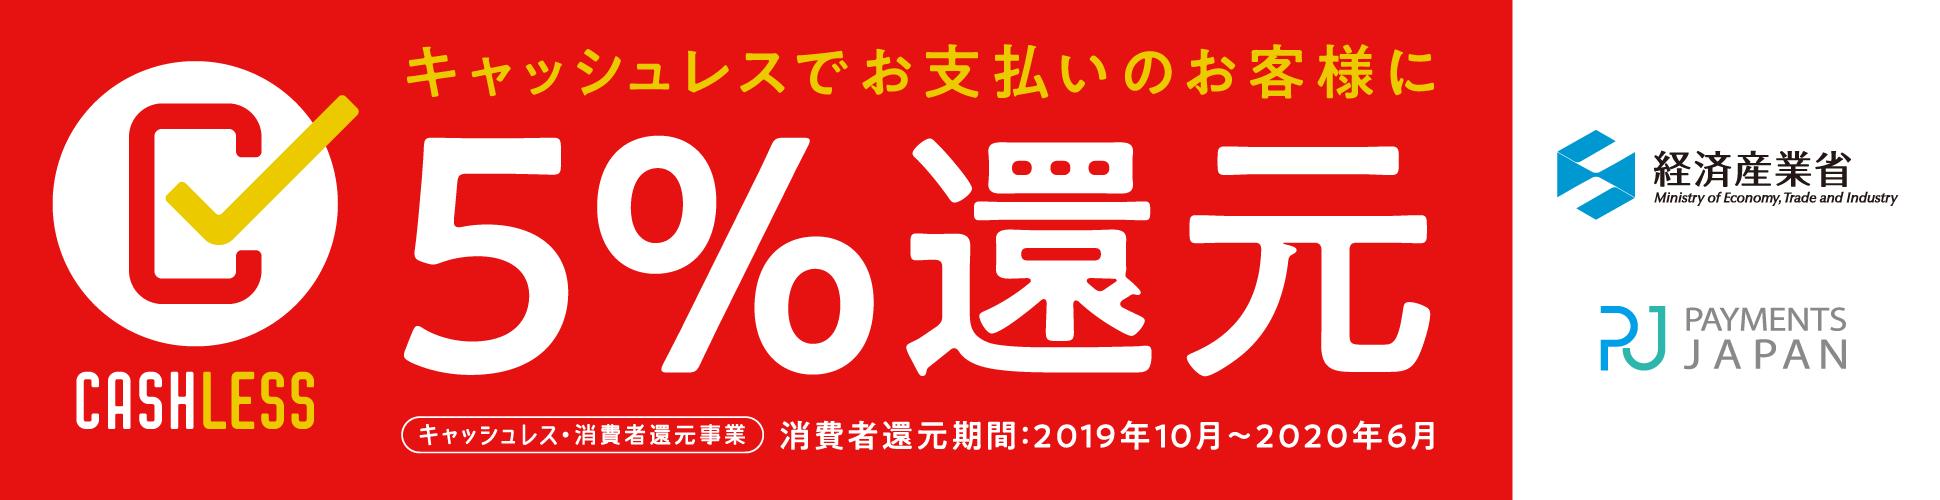 6/30まで!【キャッシュレス・消費者還元事業】キャッシュレスでお支払いのお客様に5%還元!